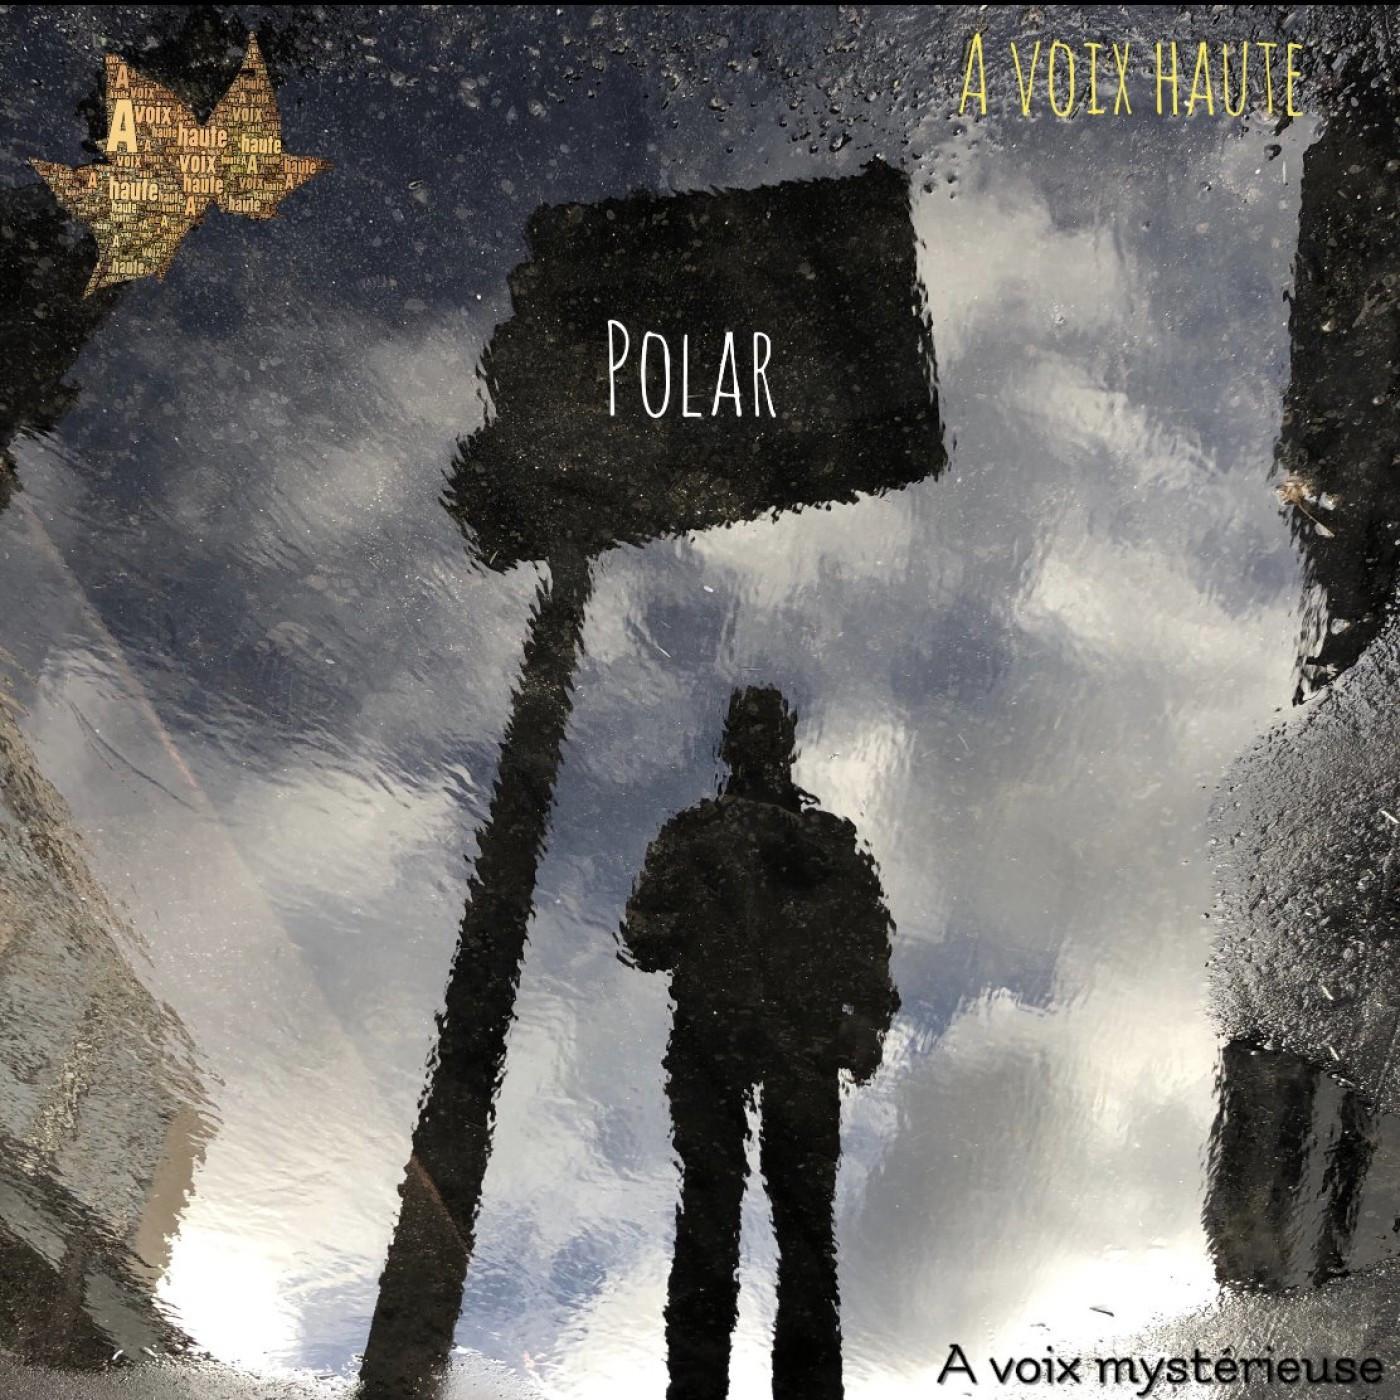 A Voix Mysterieuse - Etranges Disparitions  2- Jerome Fouquet - voix  Yannick Debain .m4a